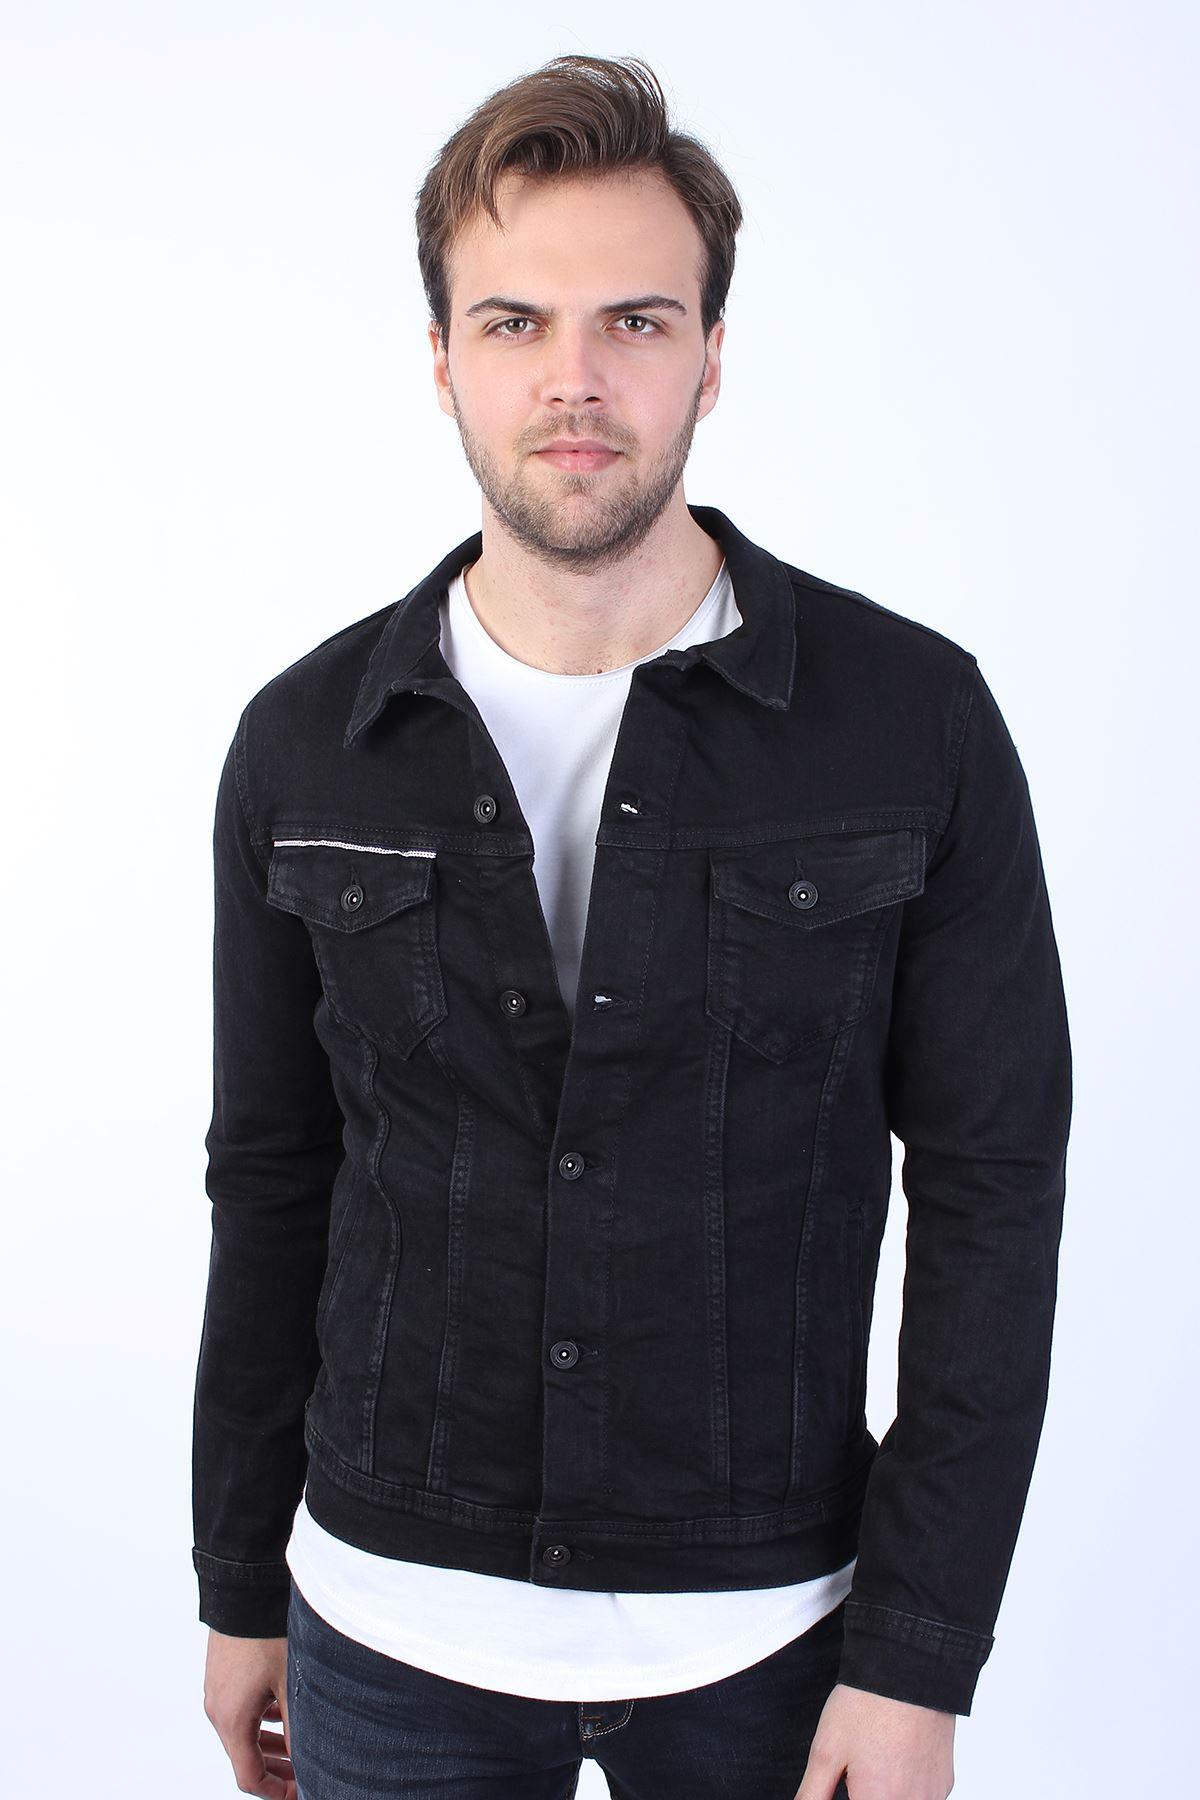 JOKER Baskılı  Erkek Siyah Yıkamalı Kot Ceket